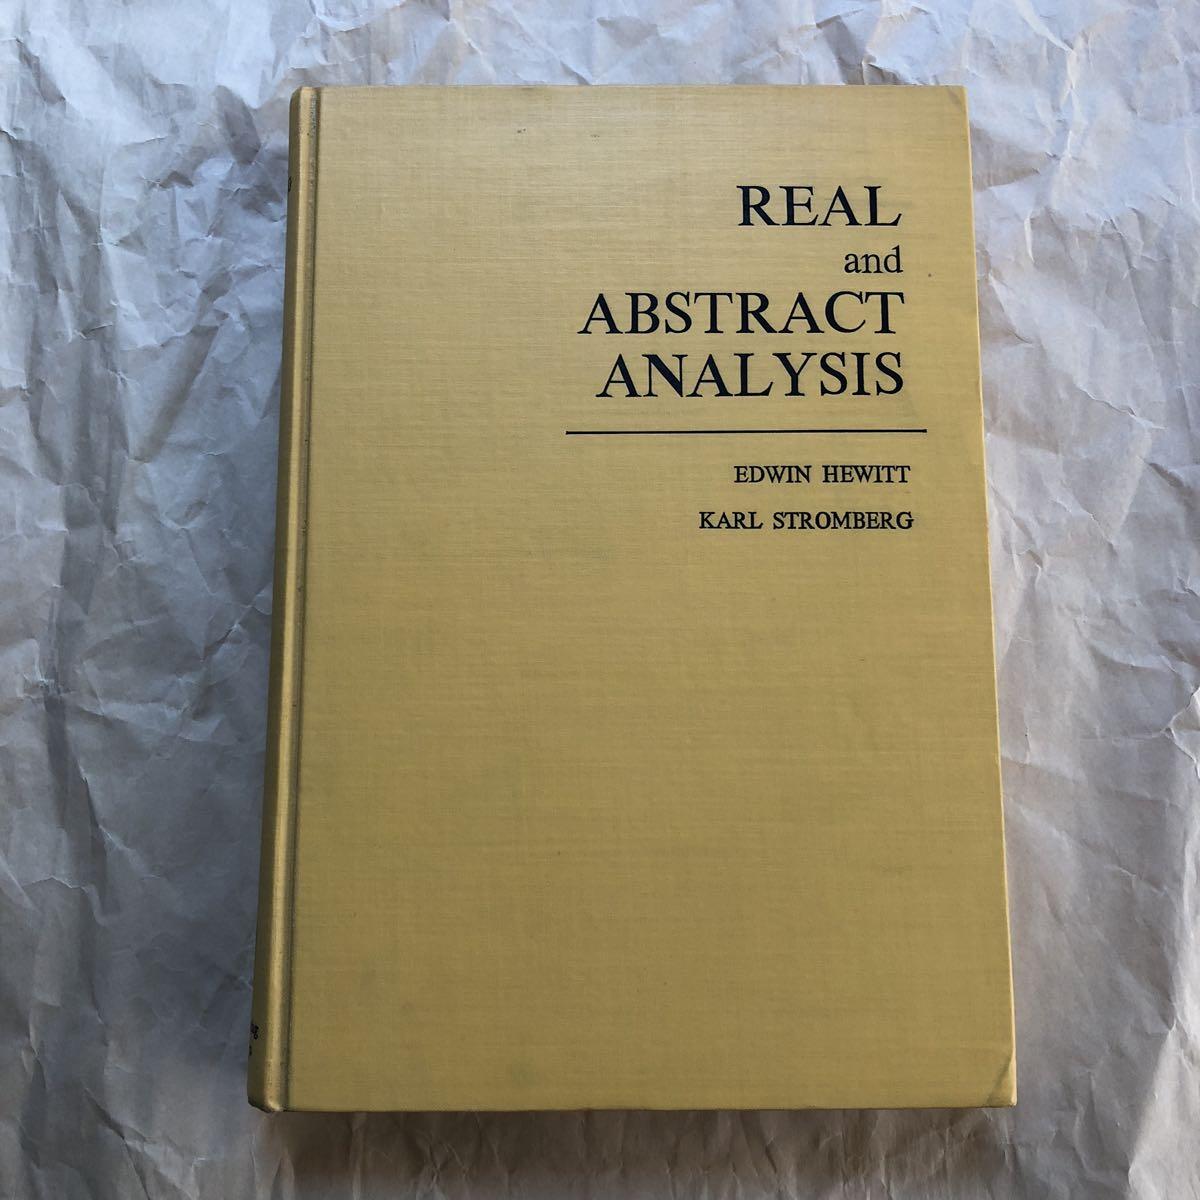 【数学・洋書】『Real and Abstract Analysis』実変数の関数理論★ Edwin Hewitt、Karl Stromberg著★1970年★裸本、状態良好